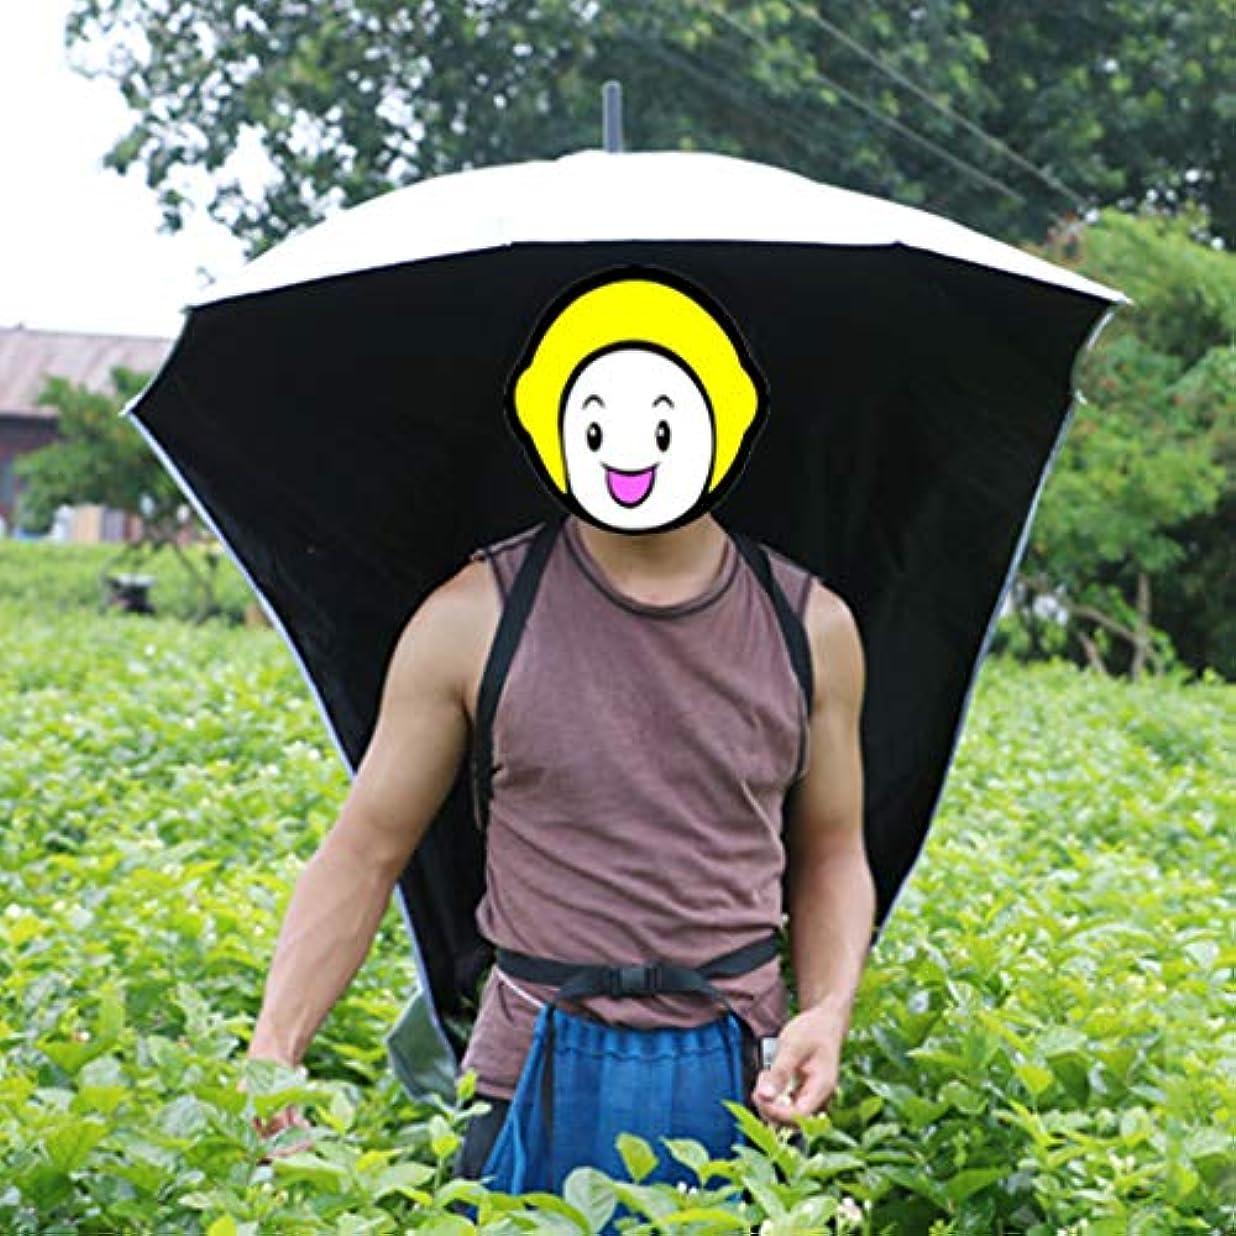 黄ばむ一月金曜日農作業かさ 背負う 熱中症対策 背中に装着傘 両手が使える 日よけ 帽子 日差しカット UVカット ガーデニング 釣り